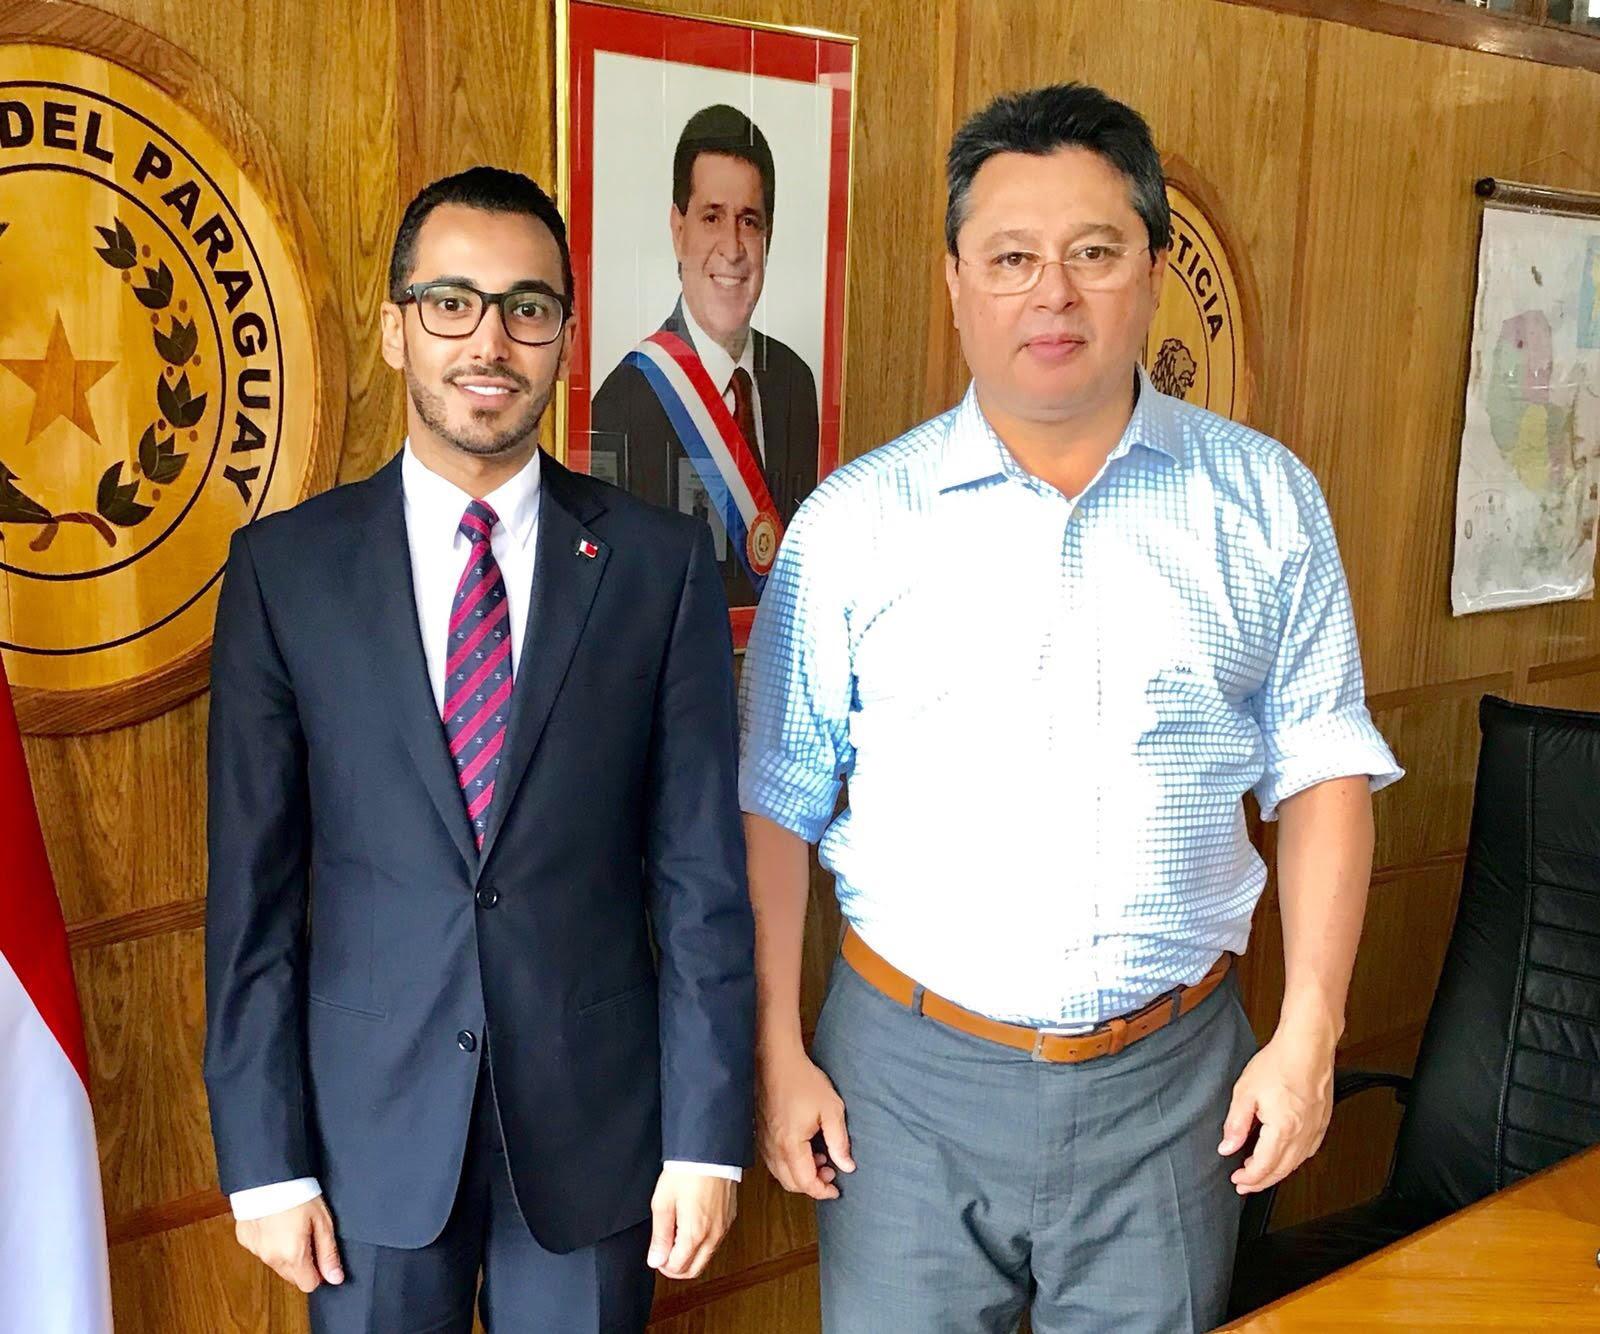 وزير التجارة في الباراغواي يجتمع مع القائم بالأعمال القطري